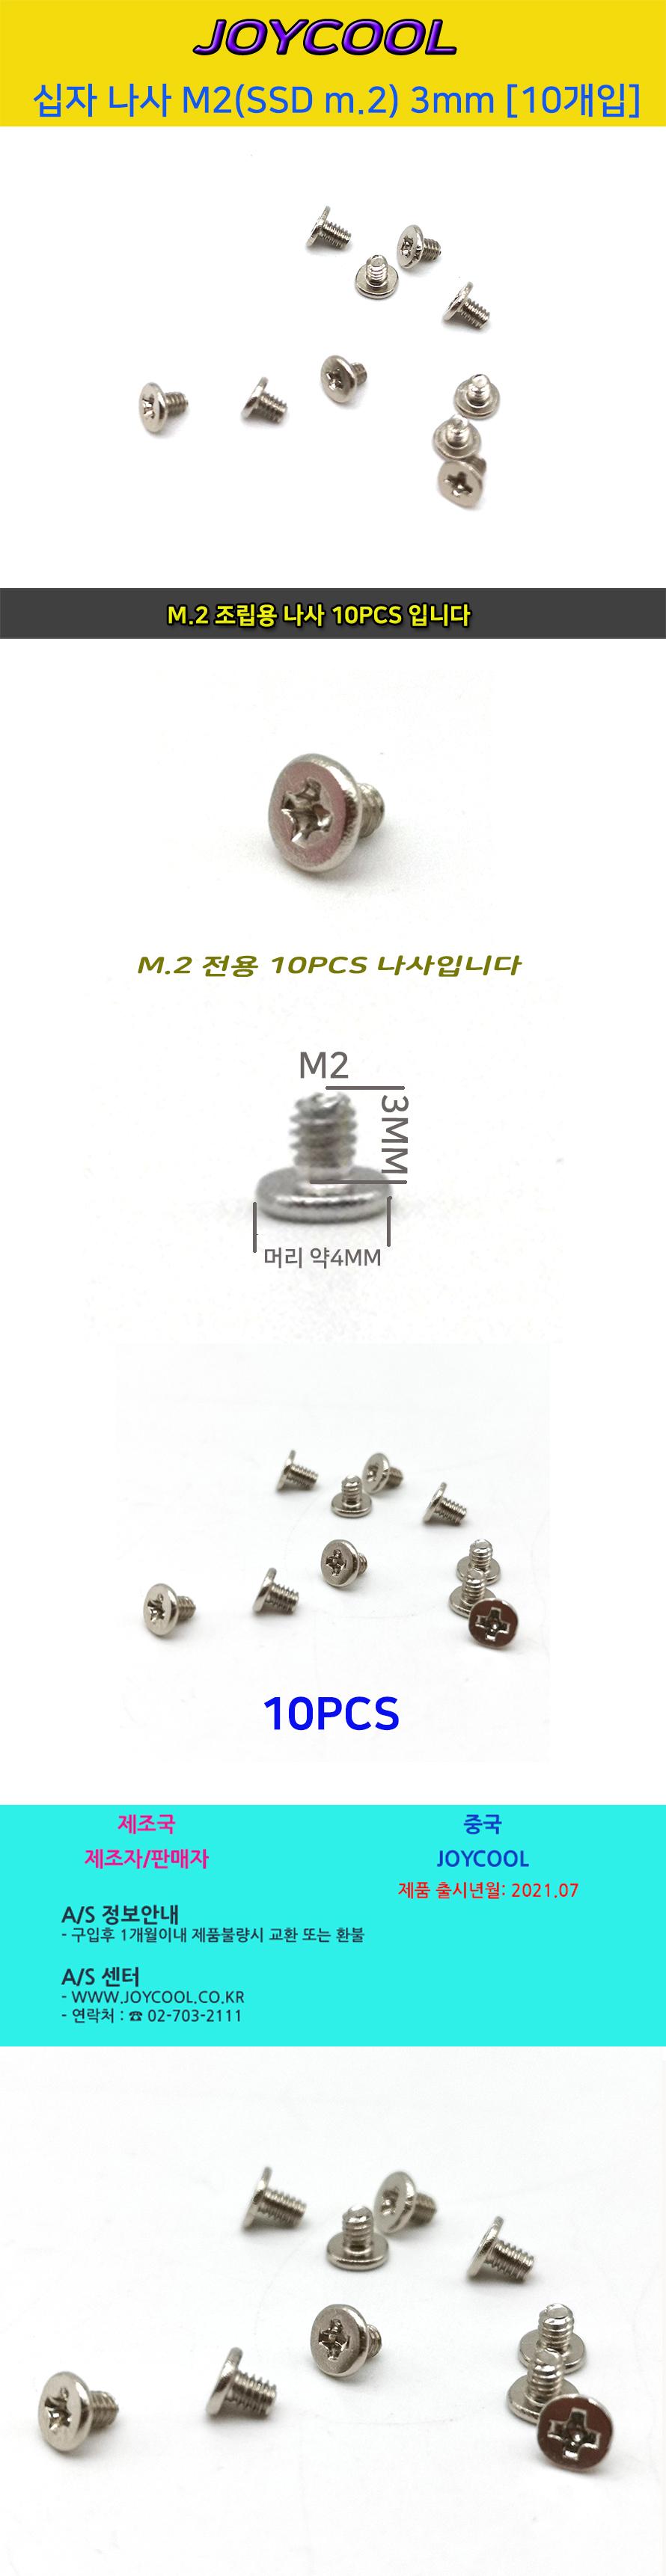 조이쿨 M.2 SSD 조립용 나사 (10개)